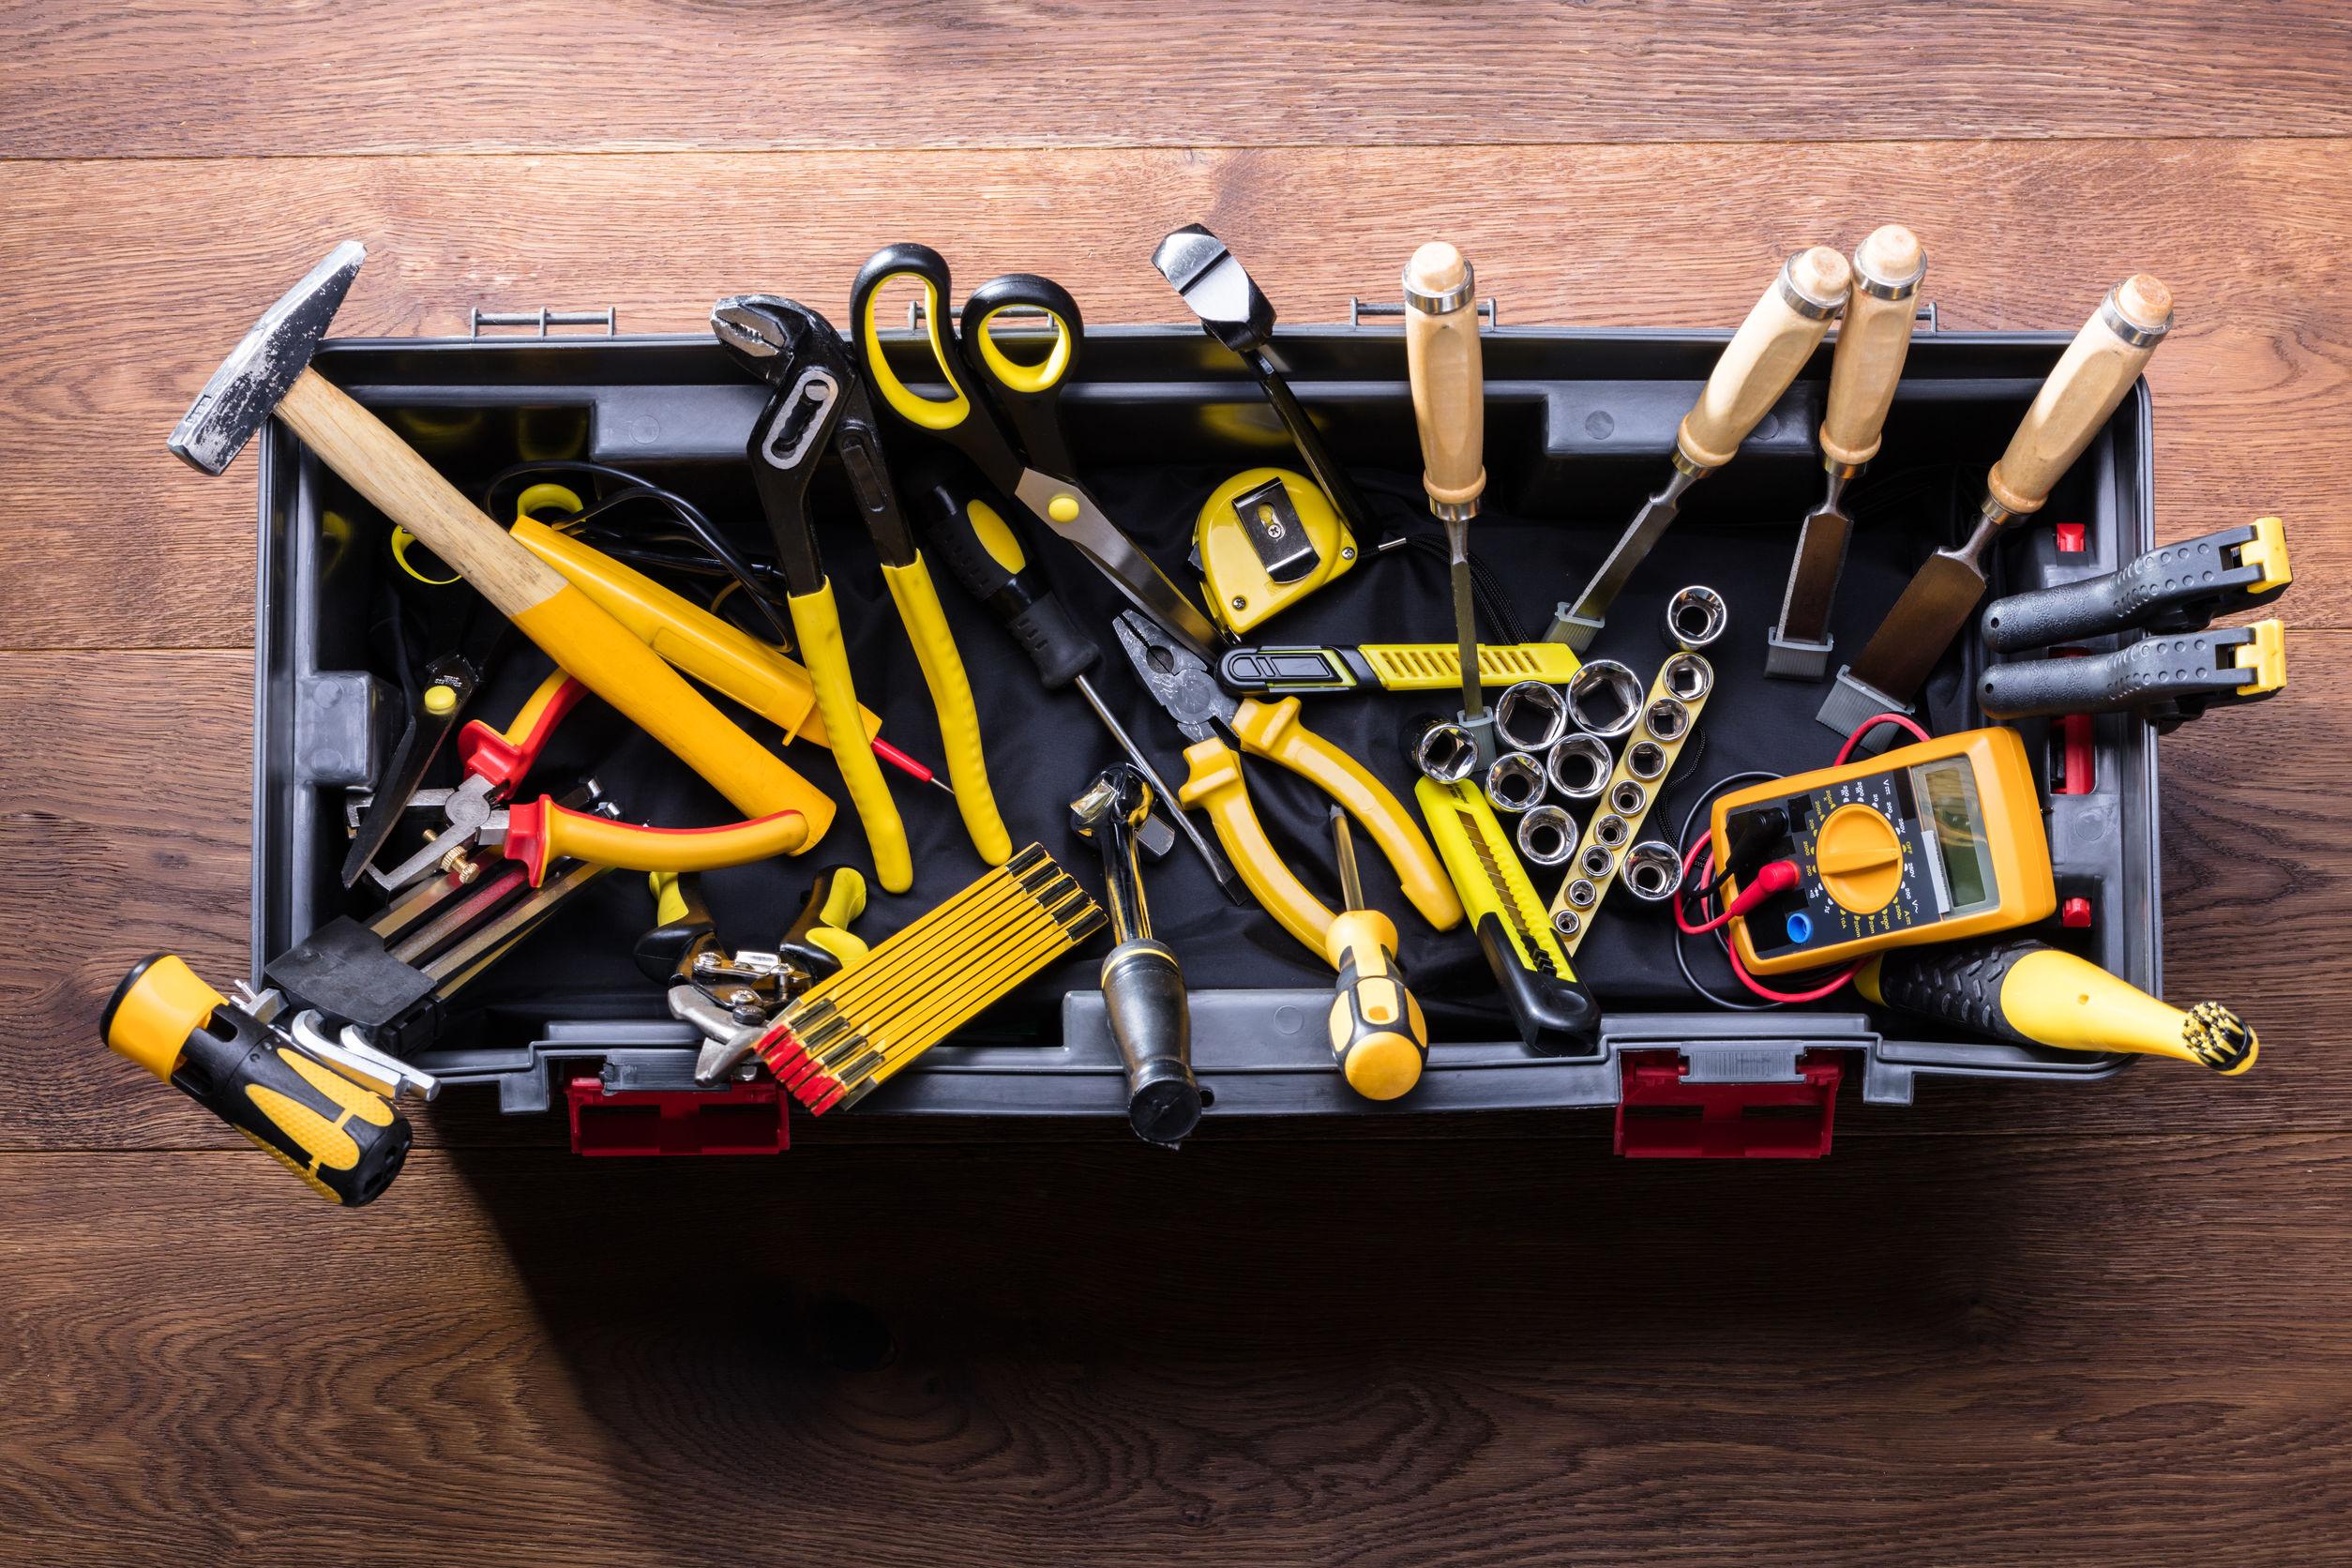 KS Tools Werkzeugkoffer: Test & Empfehlungen (02/20)